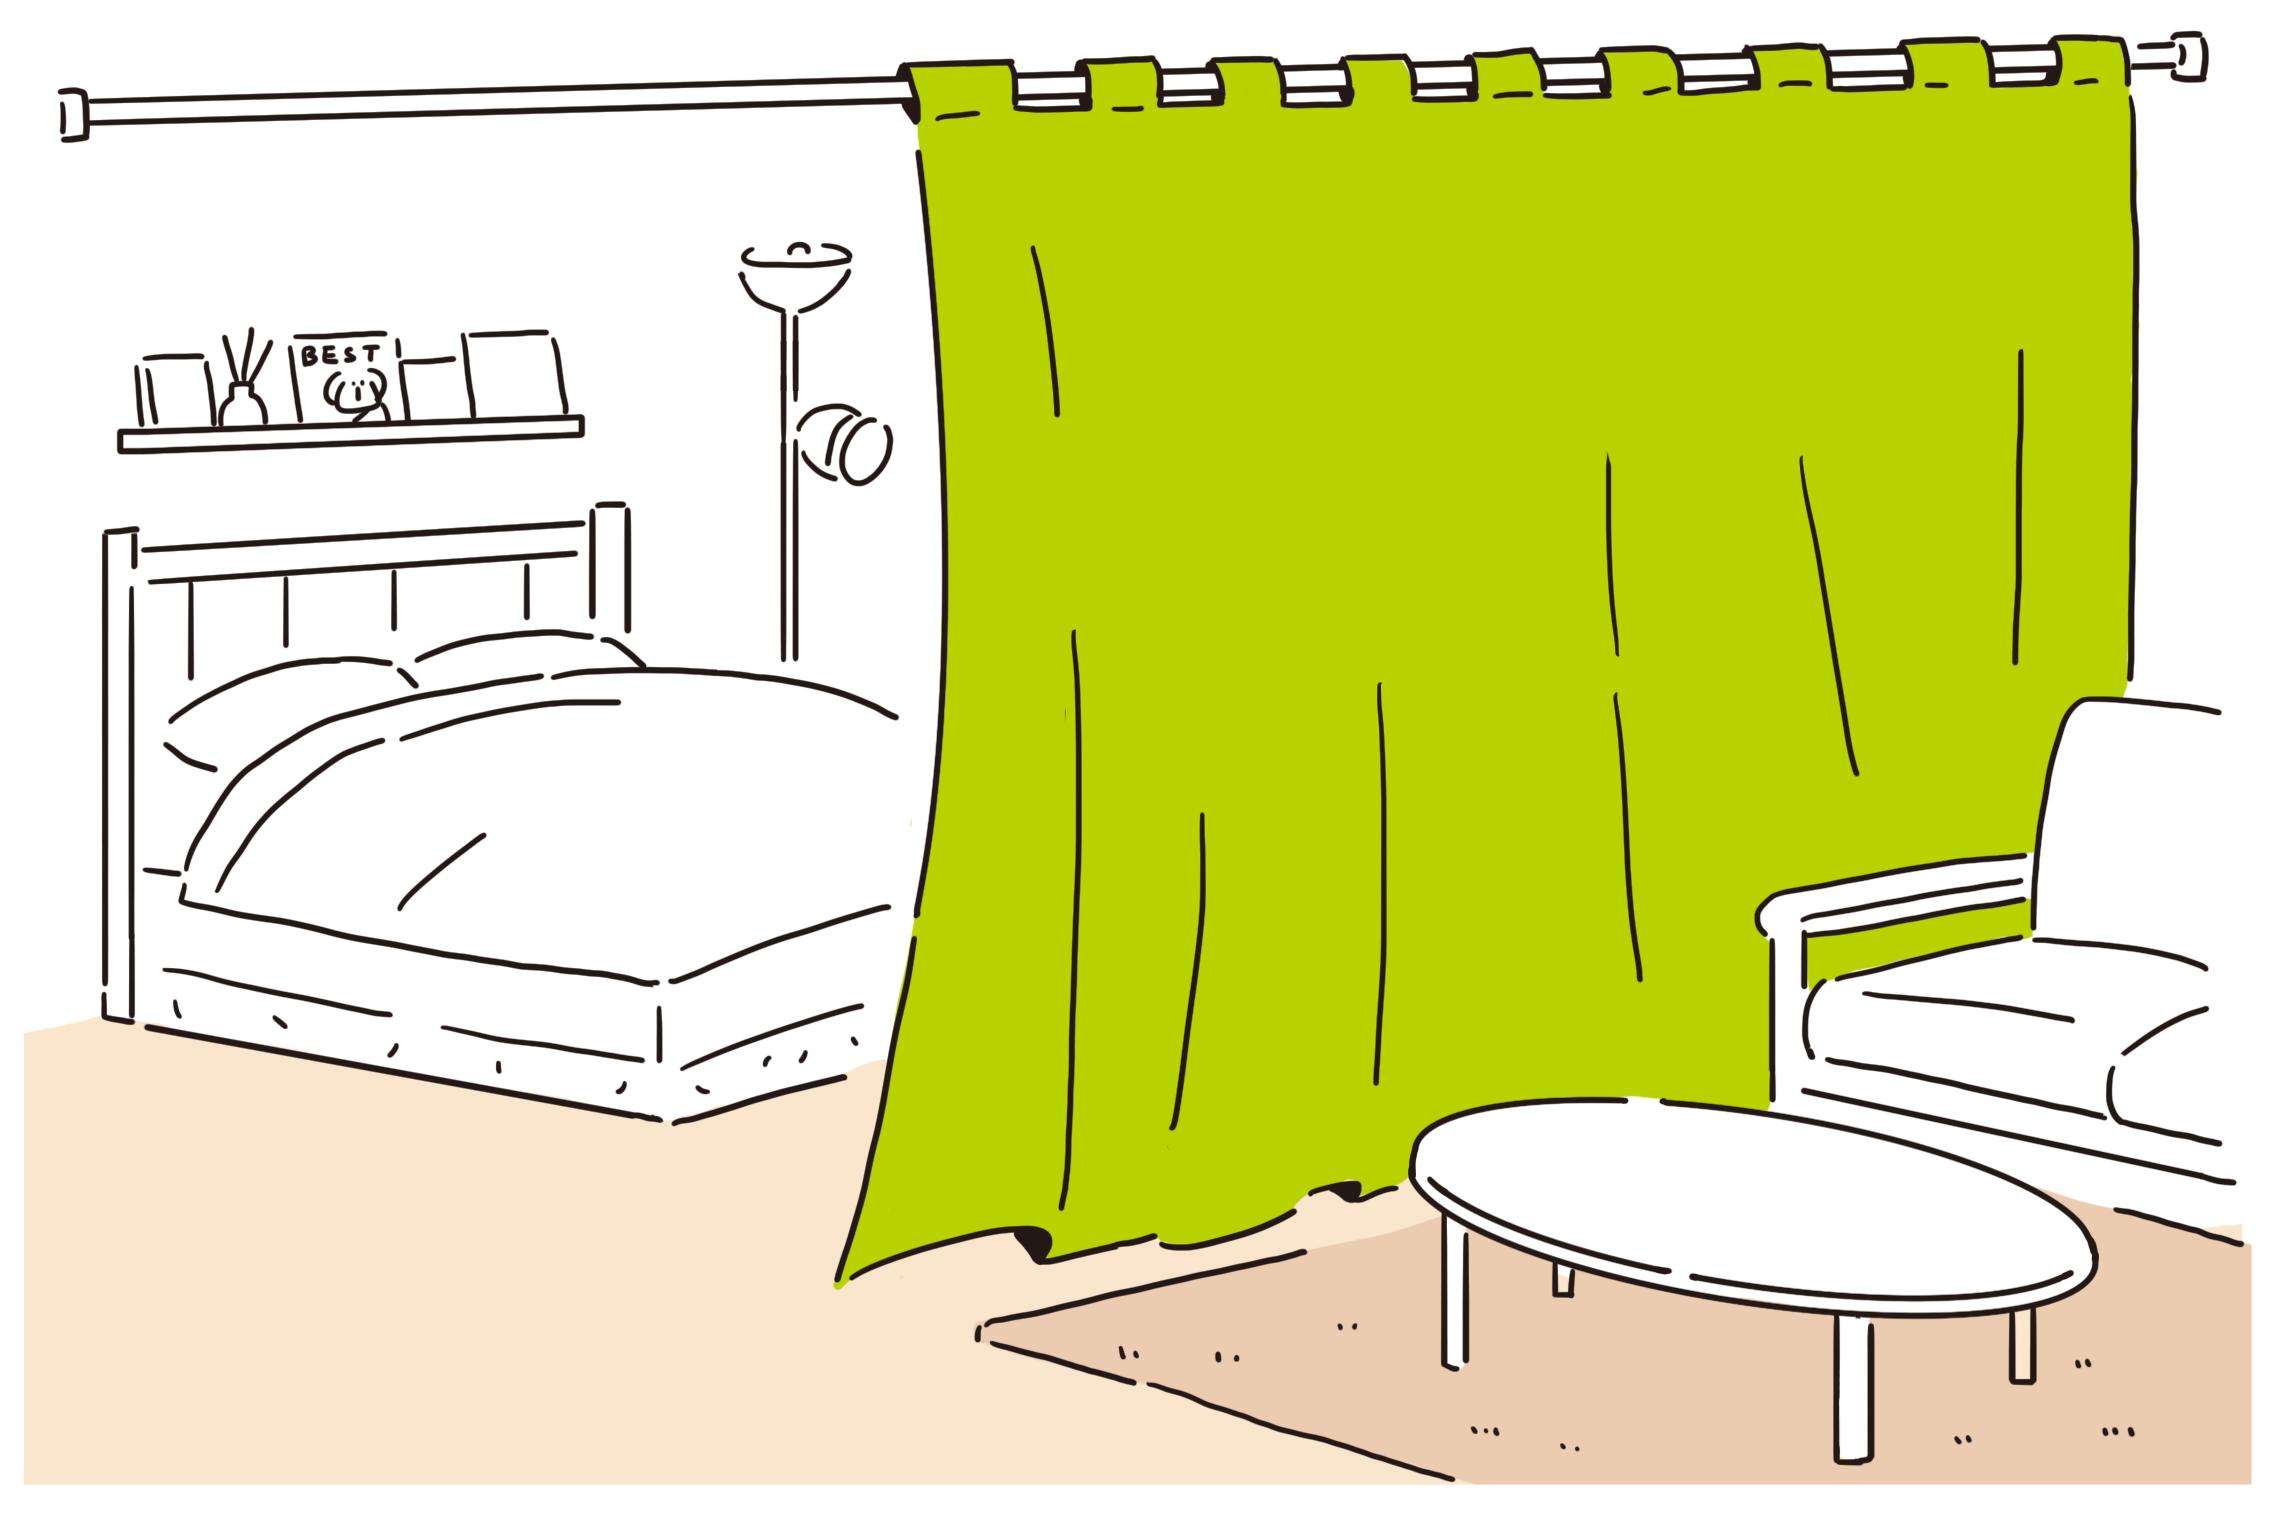 ワンルームをつっぱり棒&カーテンで仕切って2つの空間に|【間取り解説】ワンルームとは? メリット&デメリットと狭くても快適に過ごすワザ